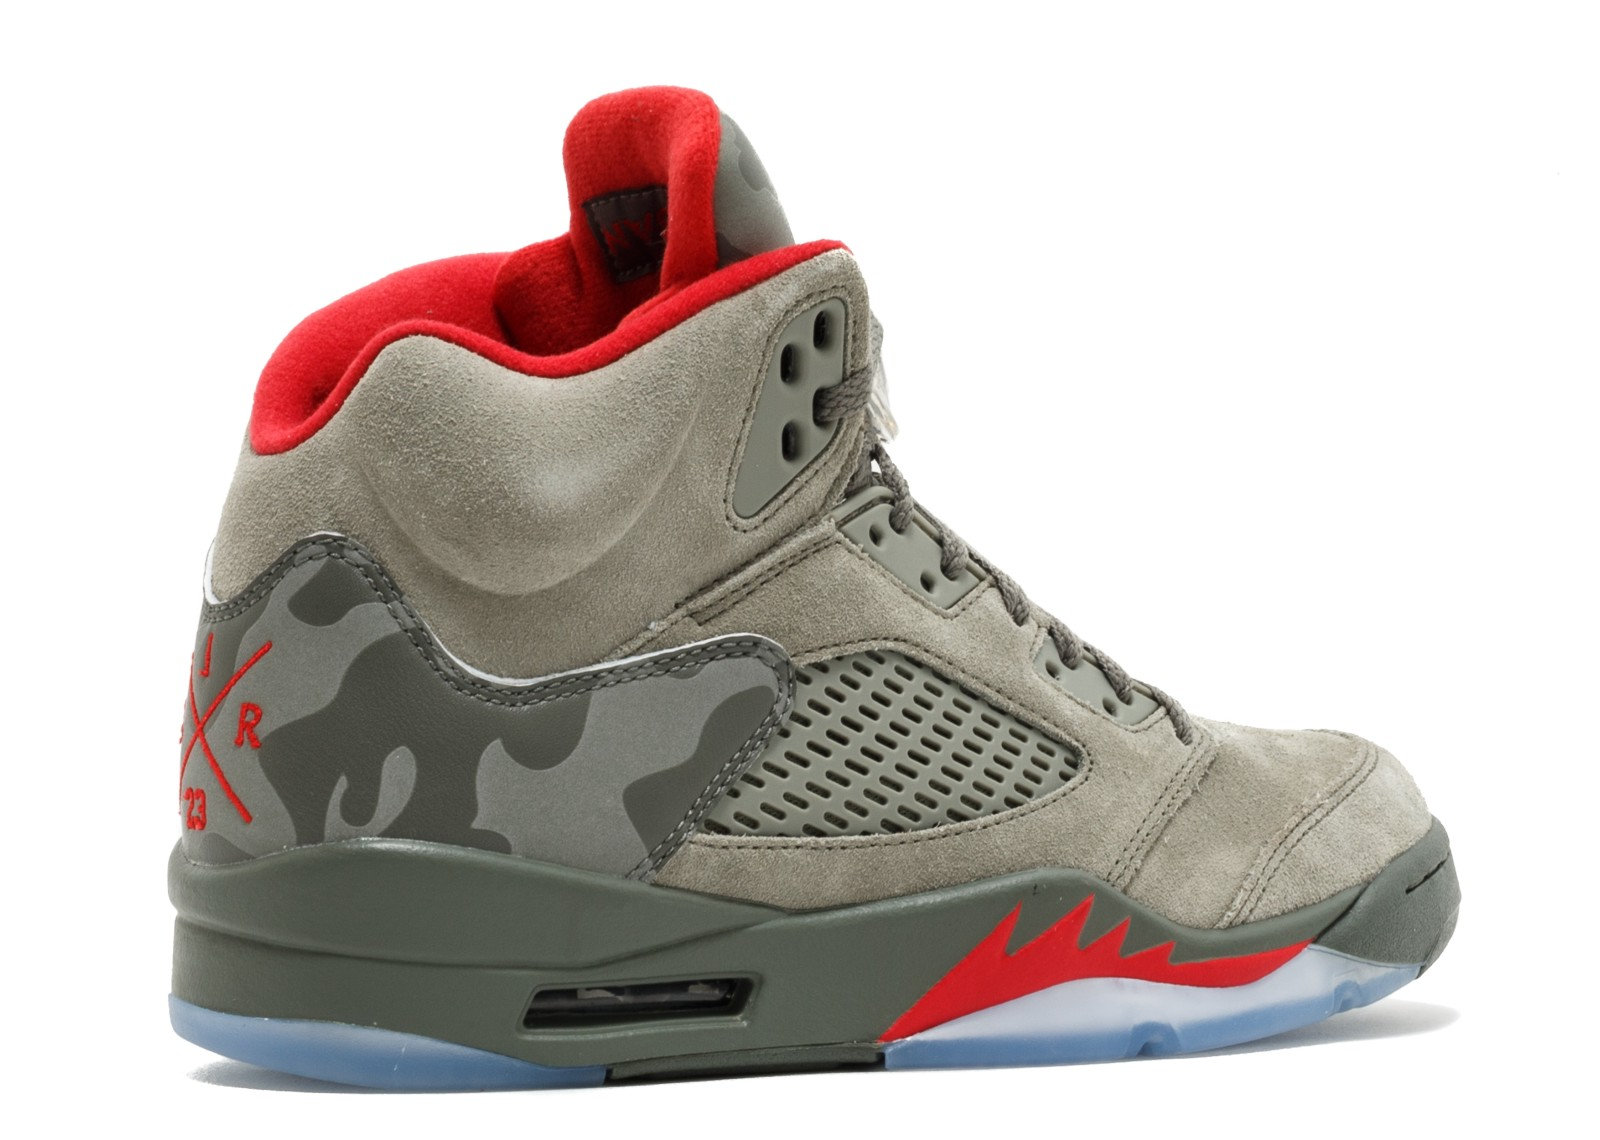 new concept f9d91 5c125 Nike Air Jordan 5 Retro